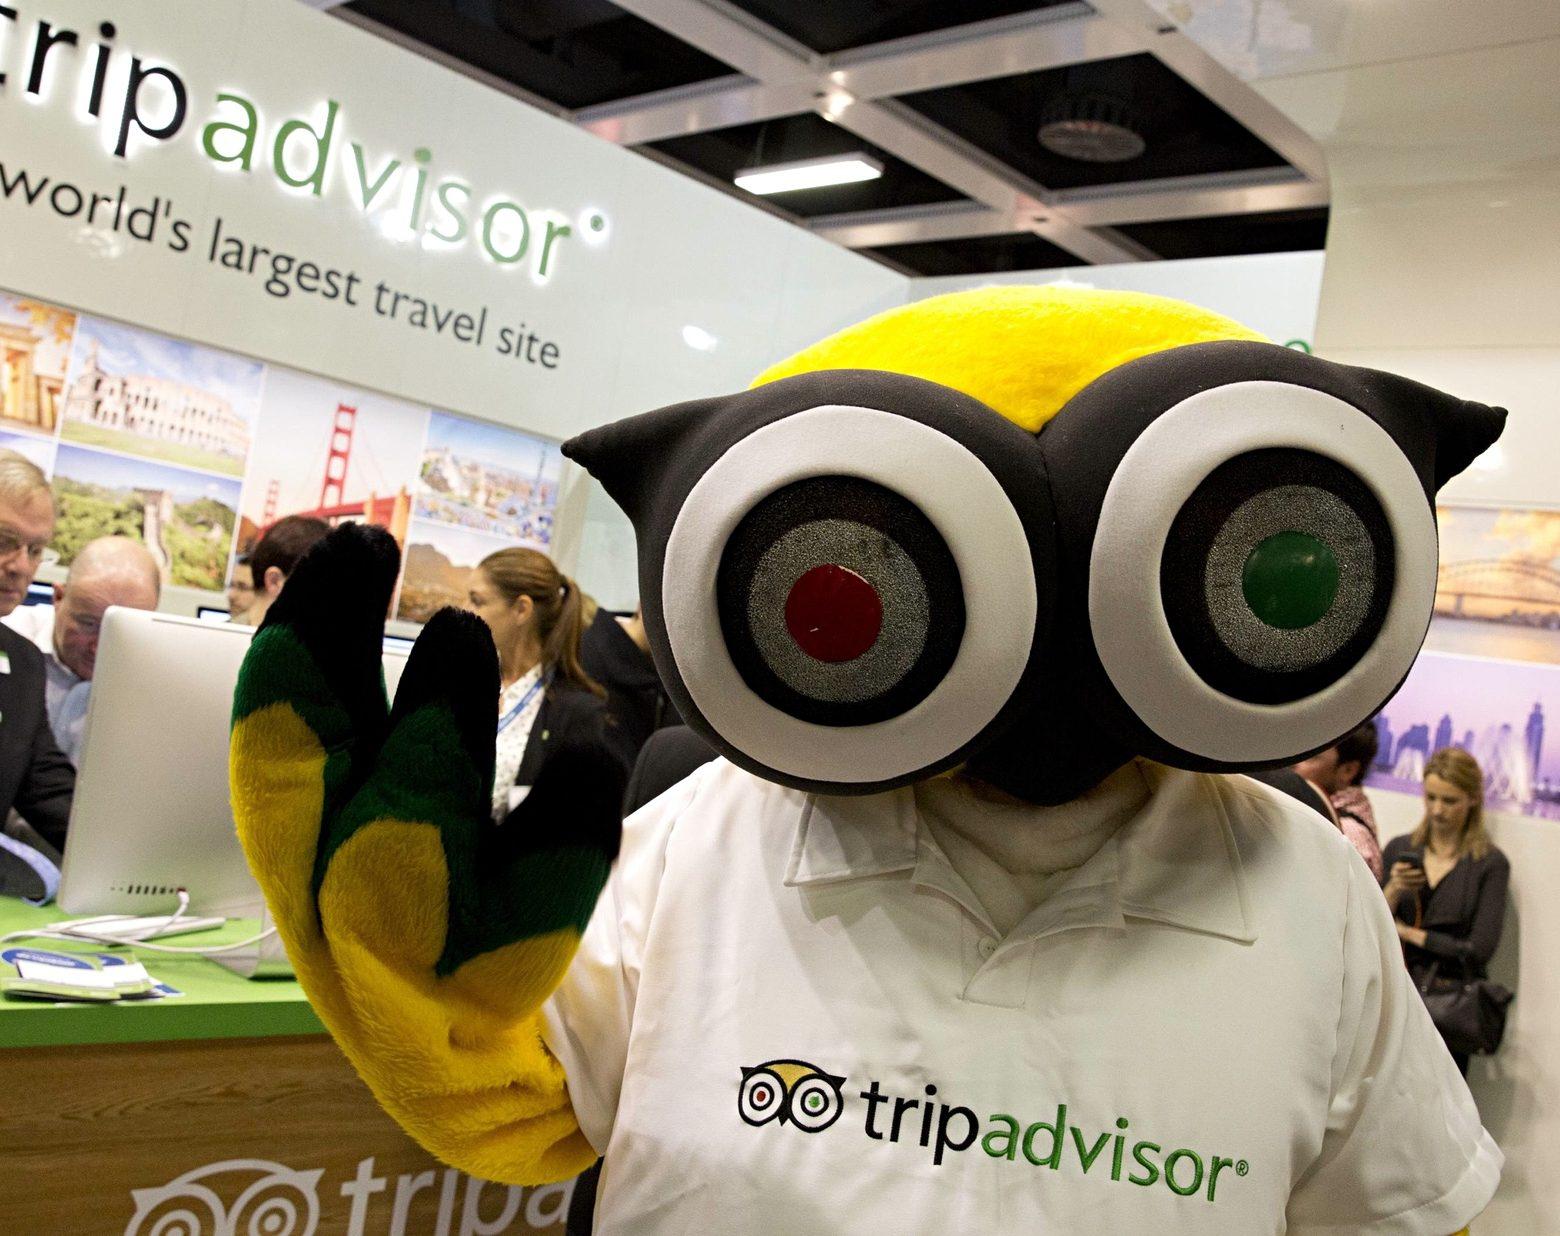 tripadvisor mascot